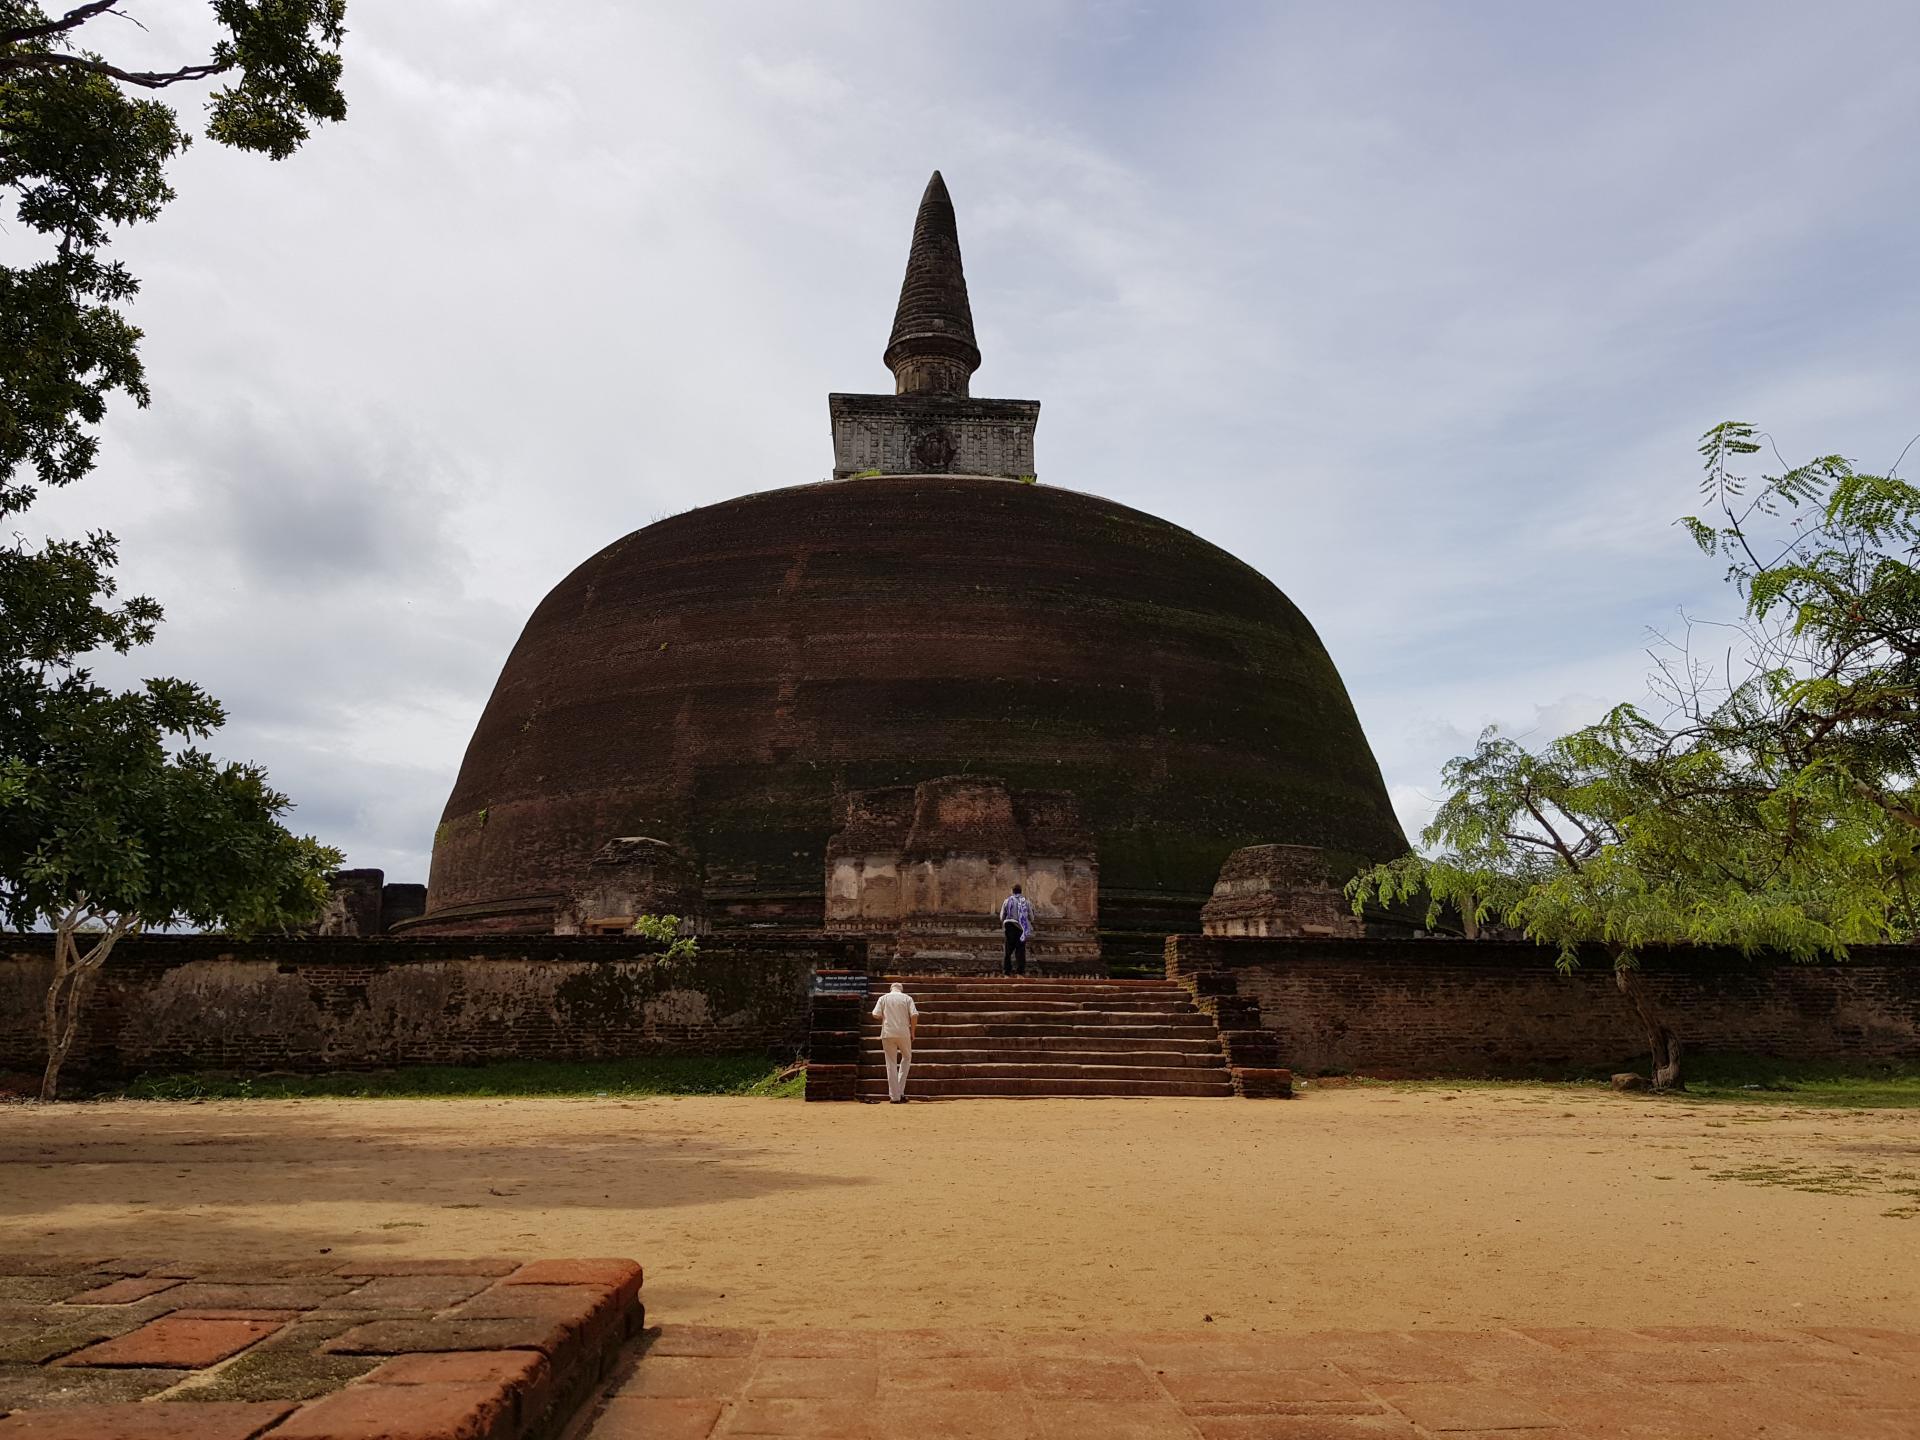 Ступа Ранкот Вехера, Полоннарува, Шри-Ланка.